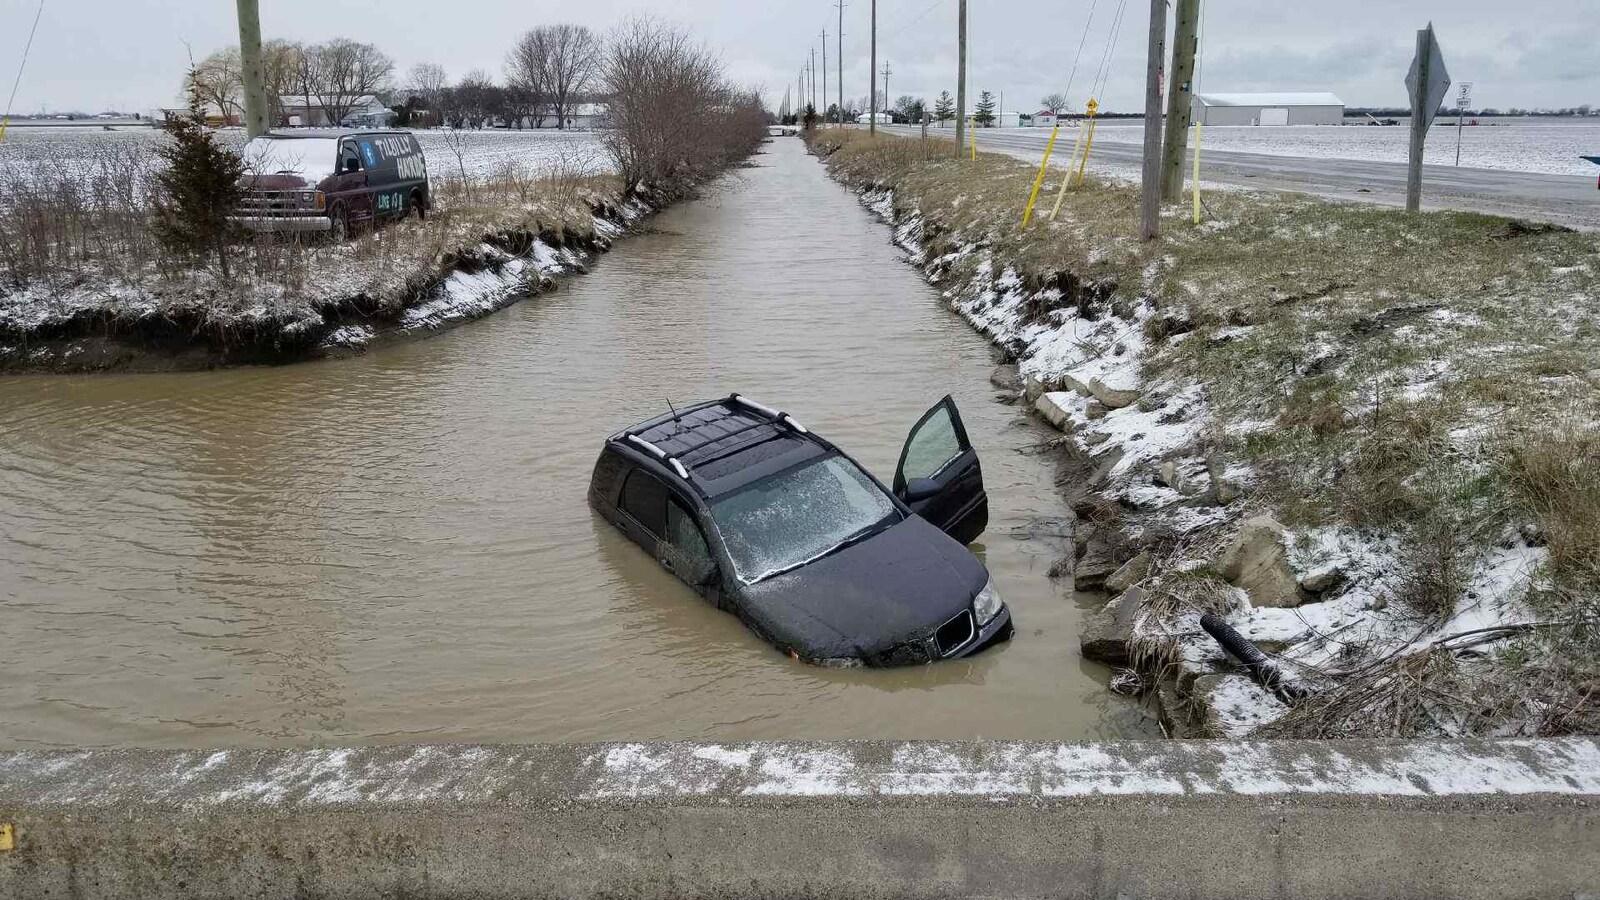 Une voiture a glissé sur la chaussée et s'est retrouvée dans un fossé rempli d'eau.